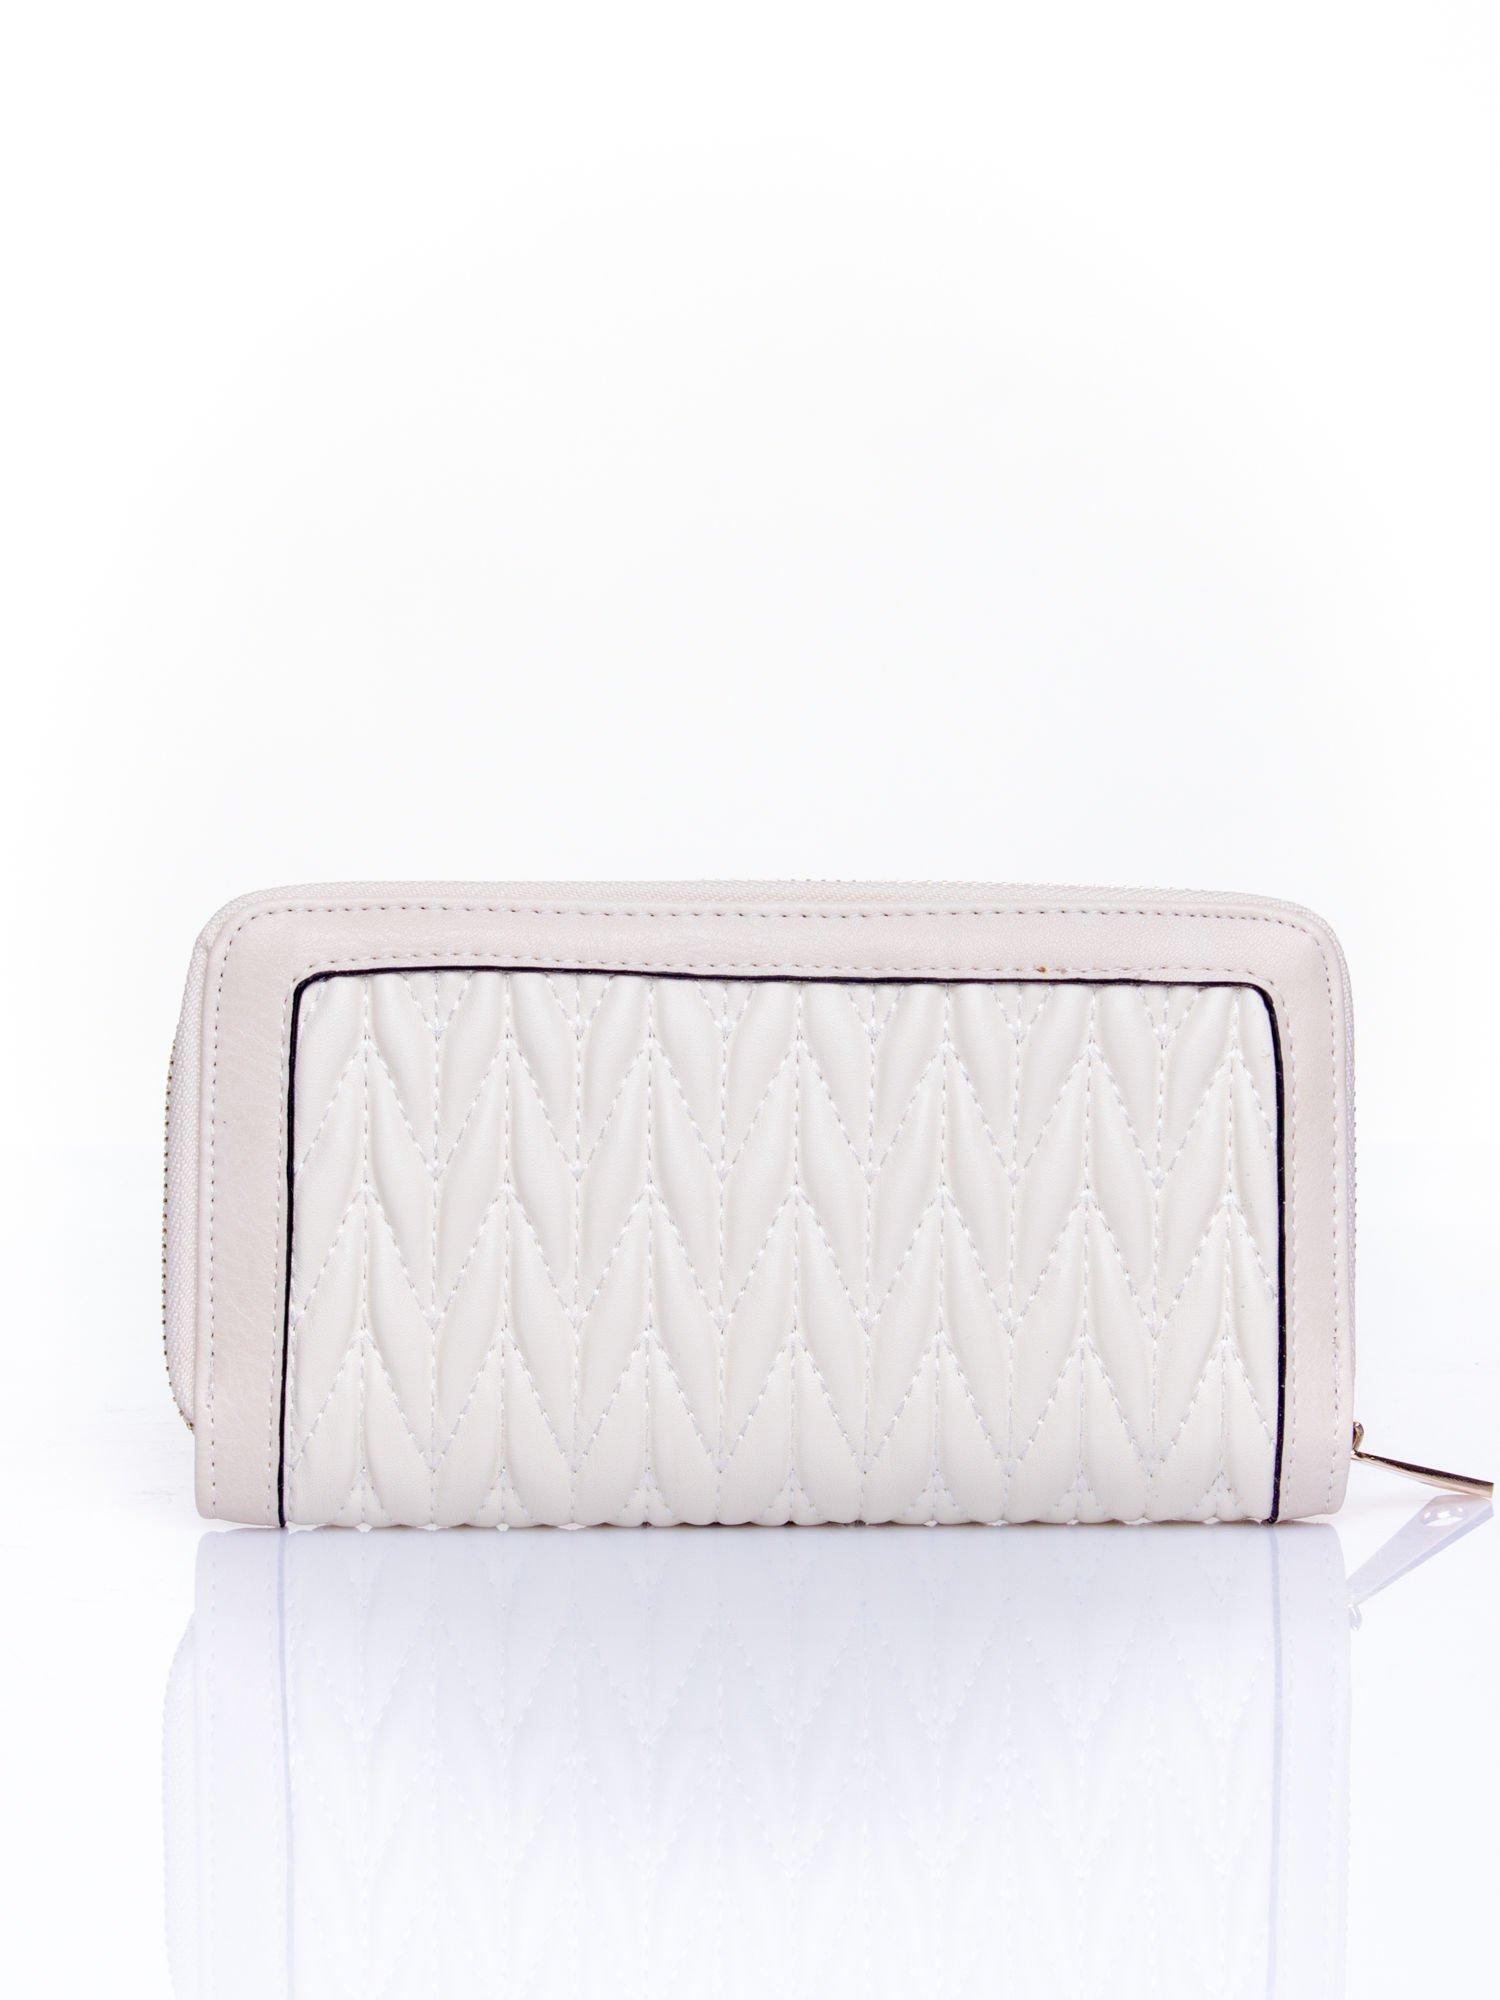 Kremowy pikowany portfel ze złotym suwakiem                                  zdj.                                  2